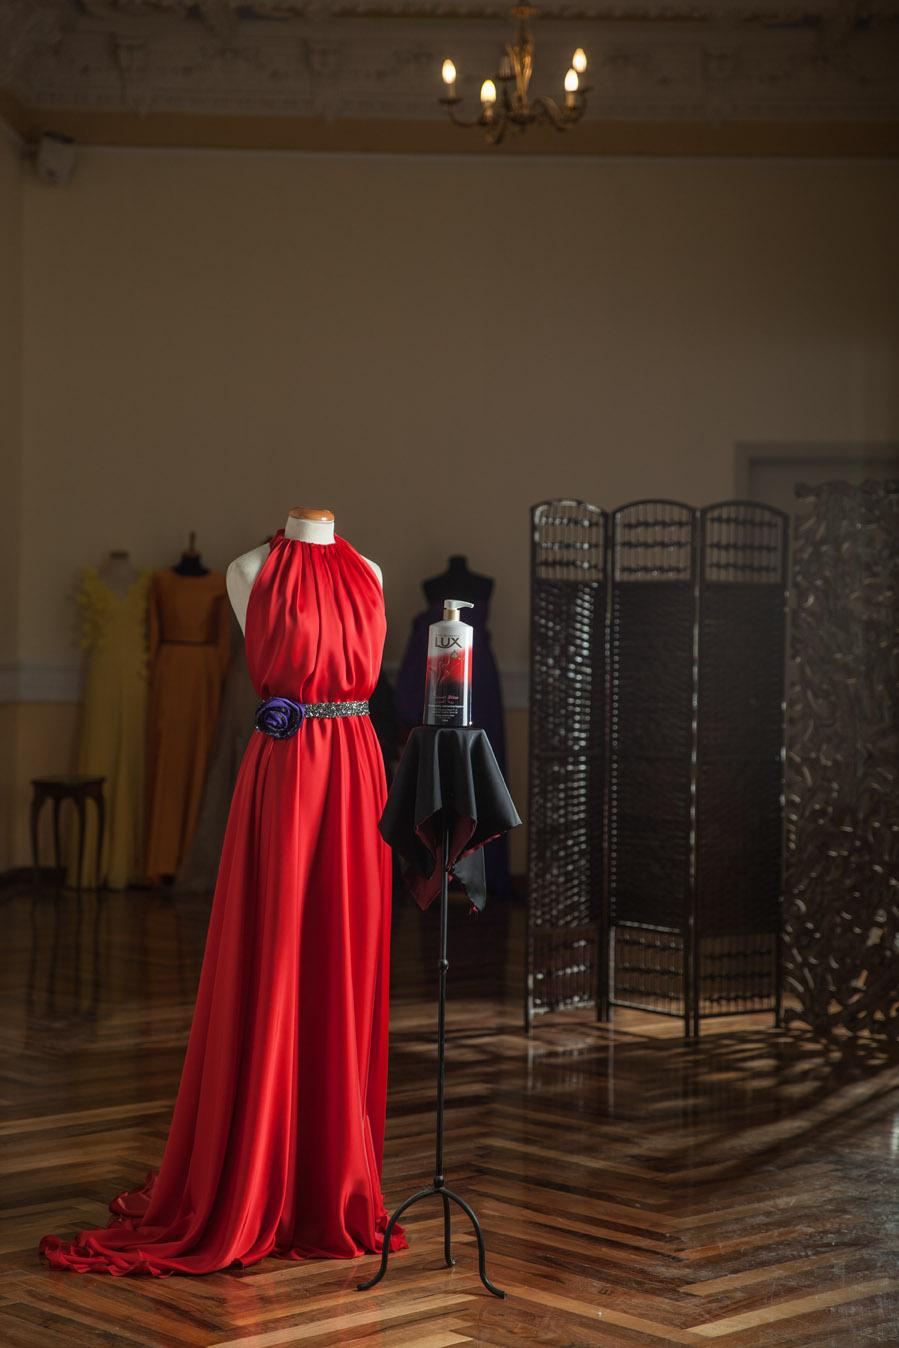 ΔΙΑΓΩΝΙΣΜΟΣ: Κέρδισε ένα κομψό φόρεμα και πολλά πλούσια δώρα Το LUX σε συνεργασία με την PANSiK αποκαλύπτει μοναδικές fashionable δημιουργίες και σε καλεί να διεκδικήσεις μοναδικά δώρα που σε κάνουν να νιώθεις Υπέροχα Εσύ!